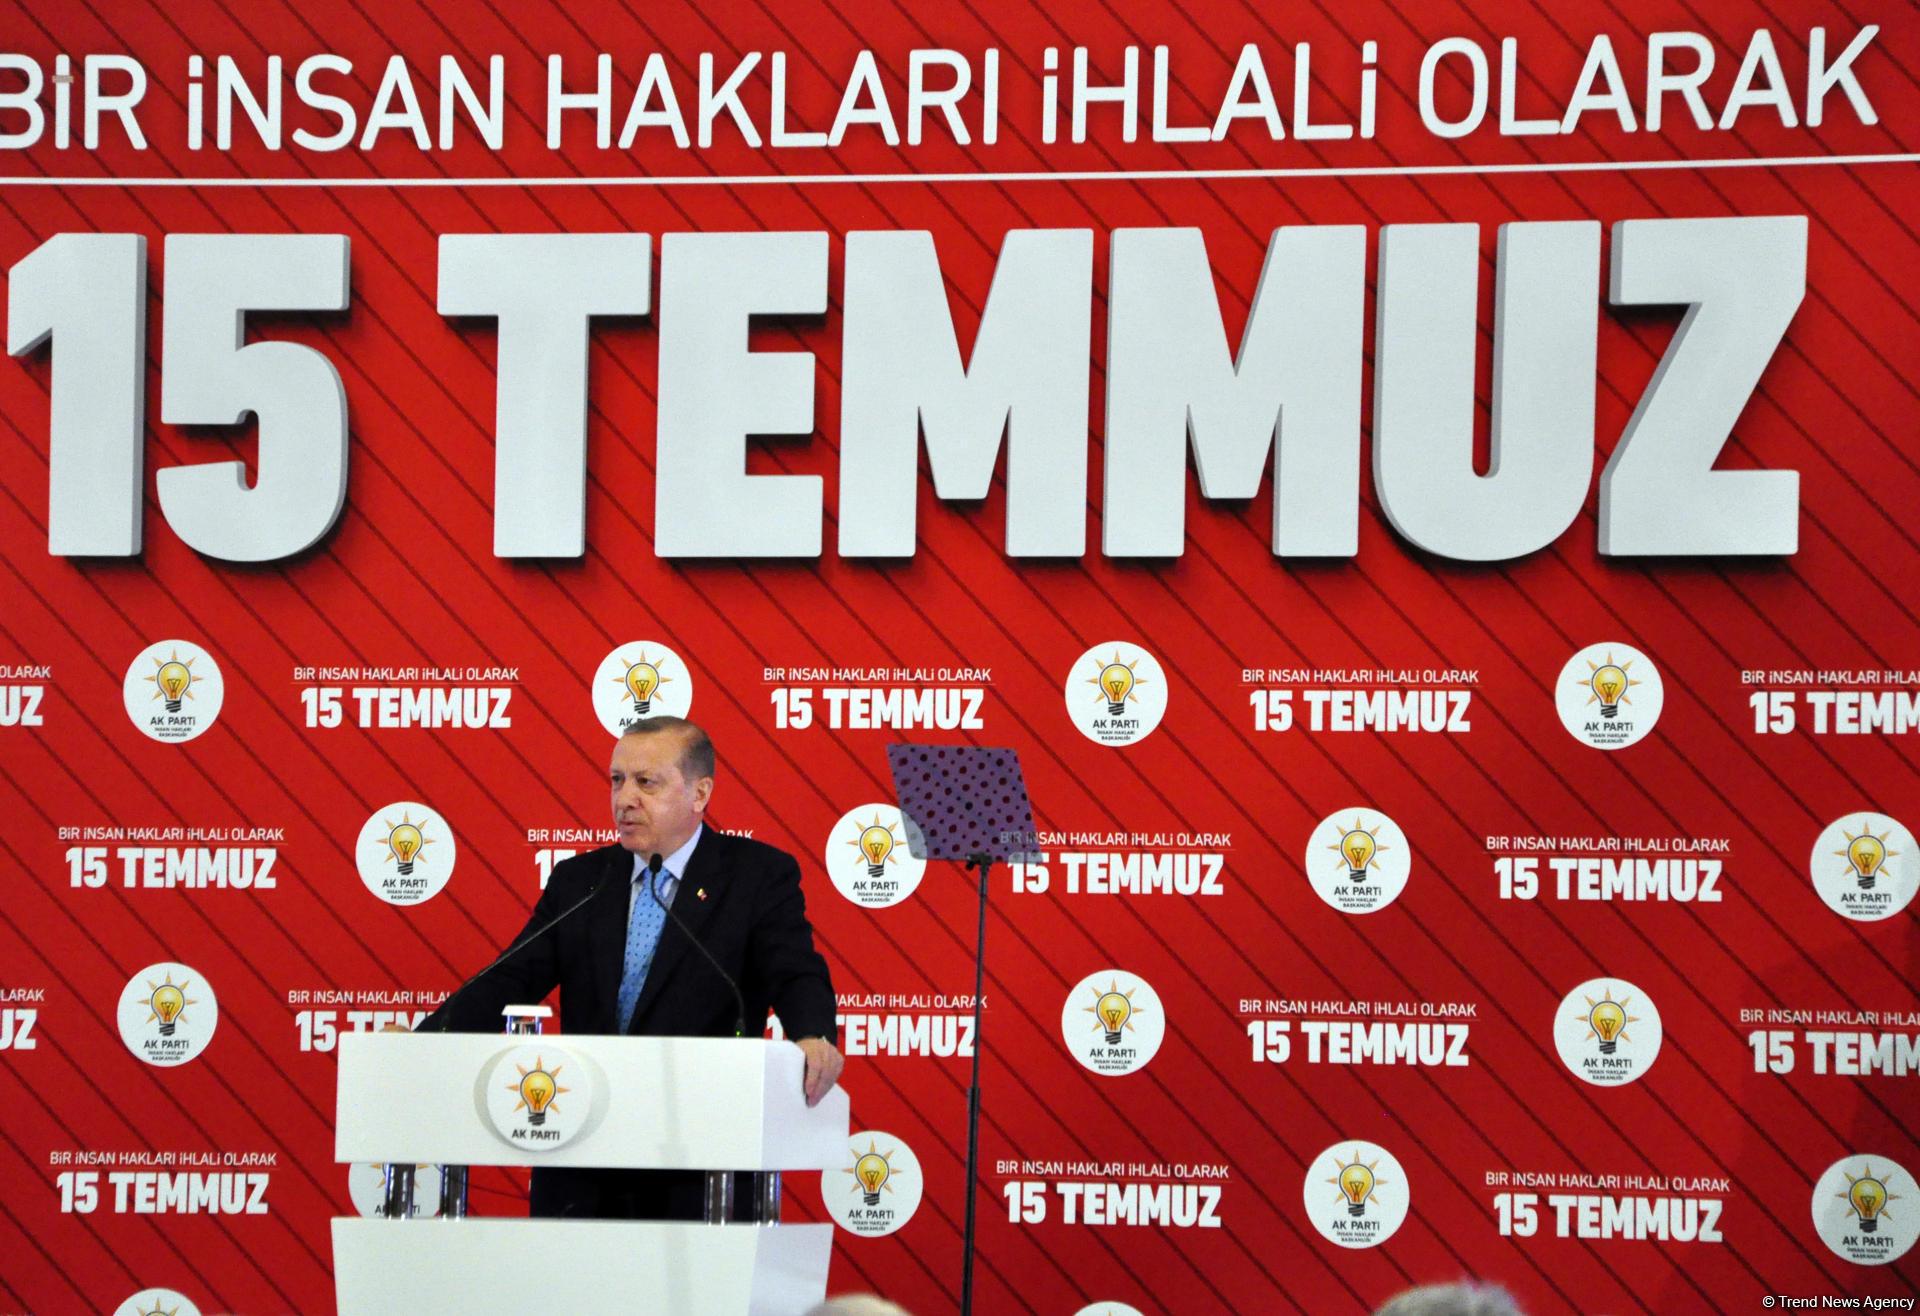 Türkiye Cumhuriyeti iradesi Erdoğan'ın emrinde